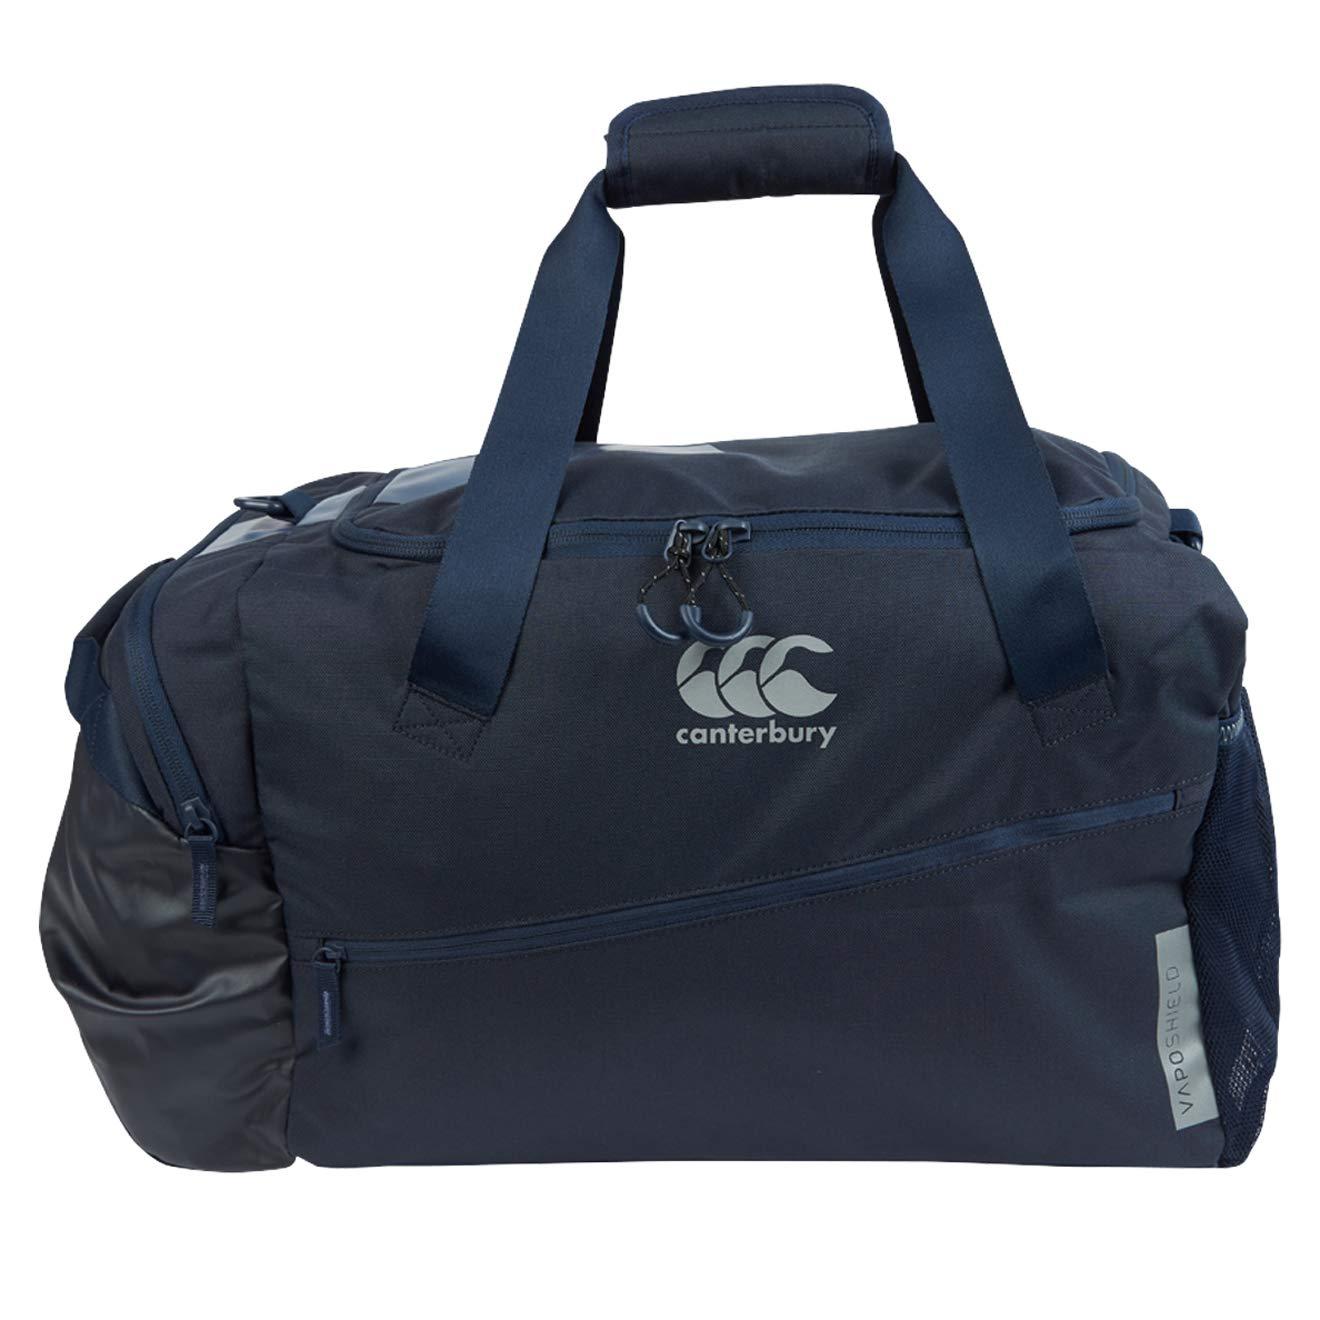 Canterbury Vaposhield Sportsbag Duffel Holdall 60L, 40L, 25L